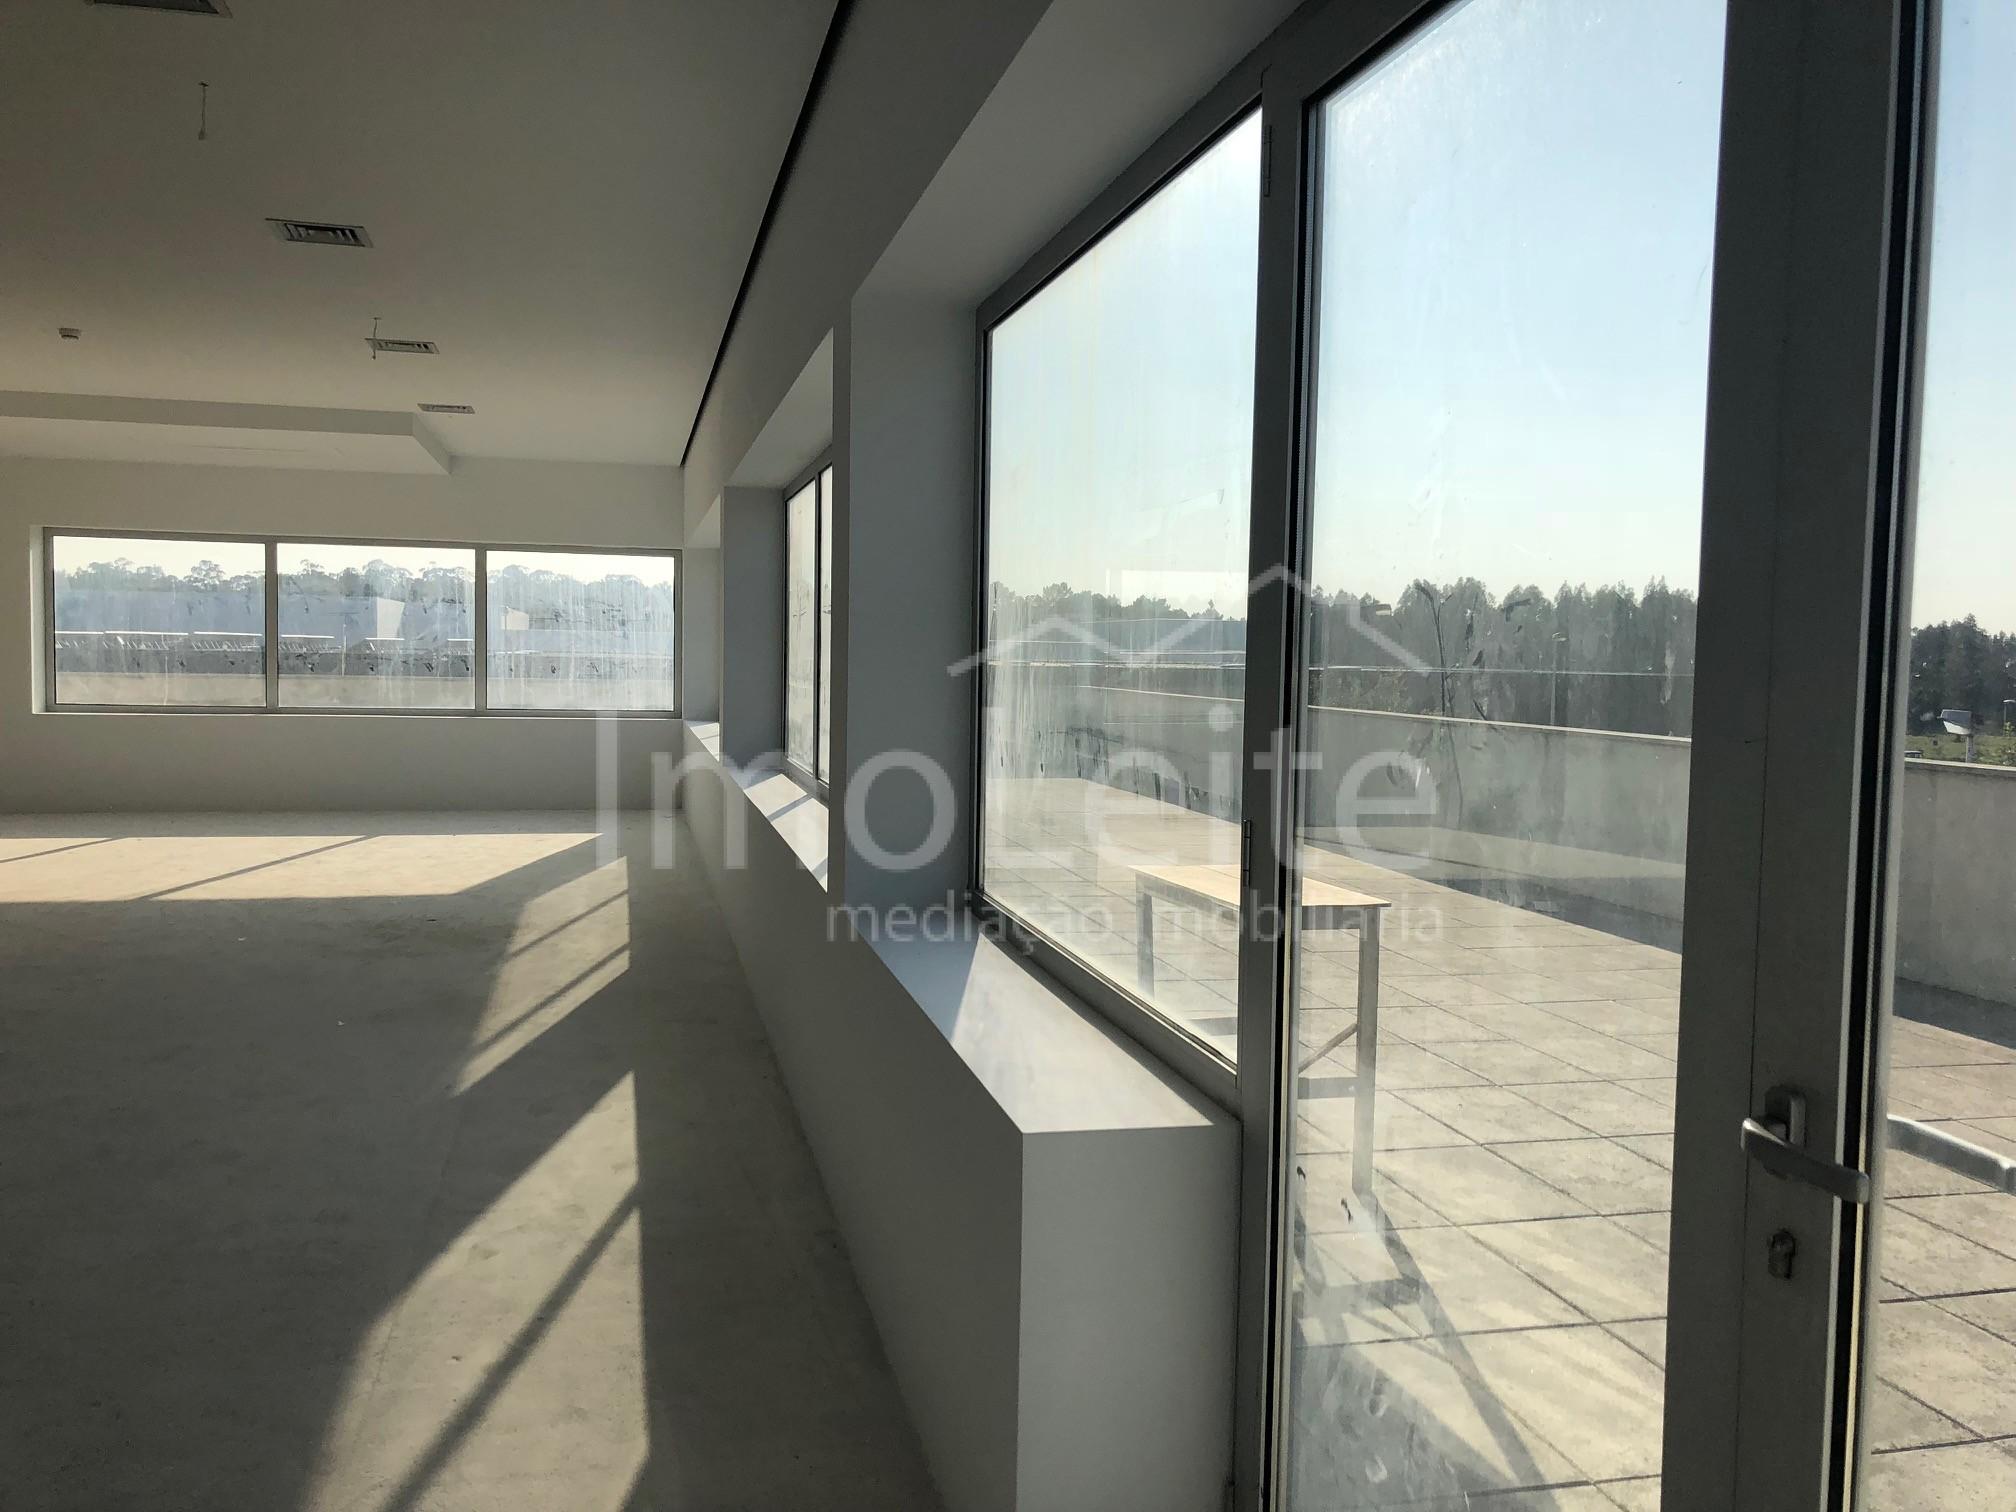 Escritório Vila do Conde Varziela 1000 m2